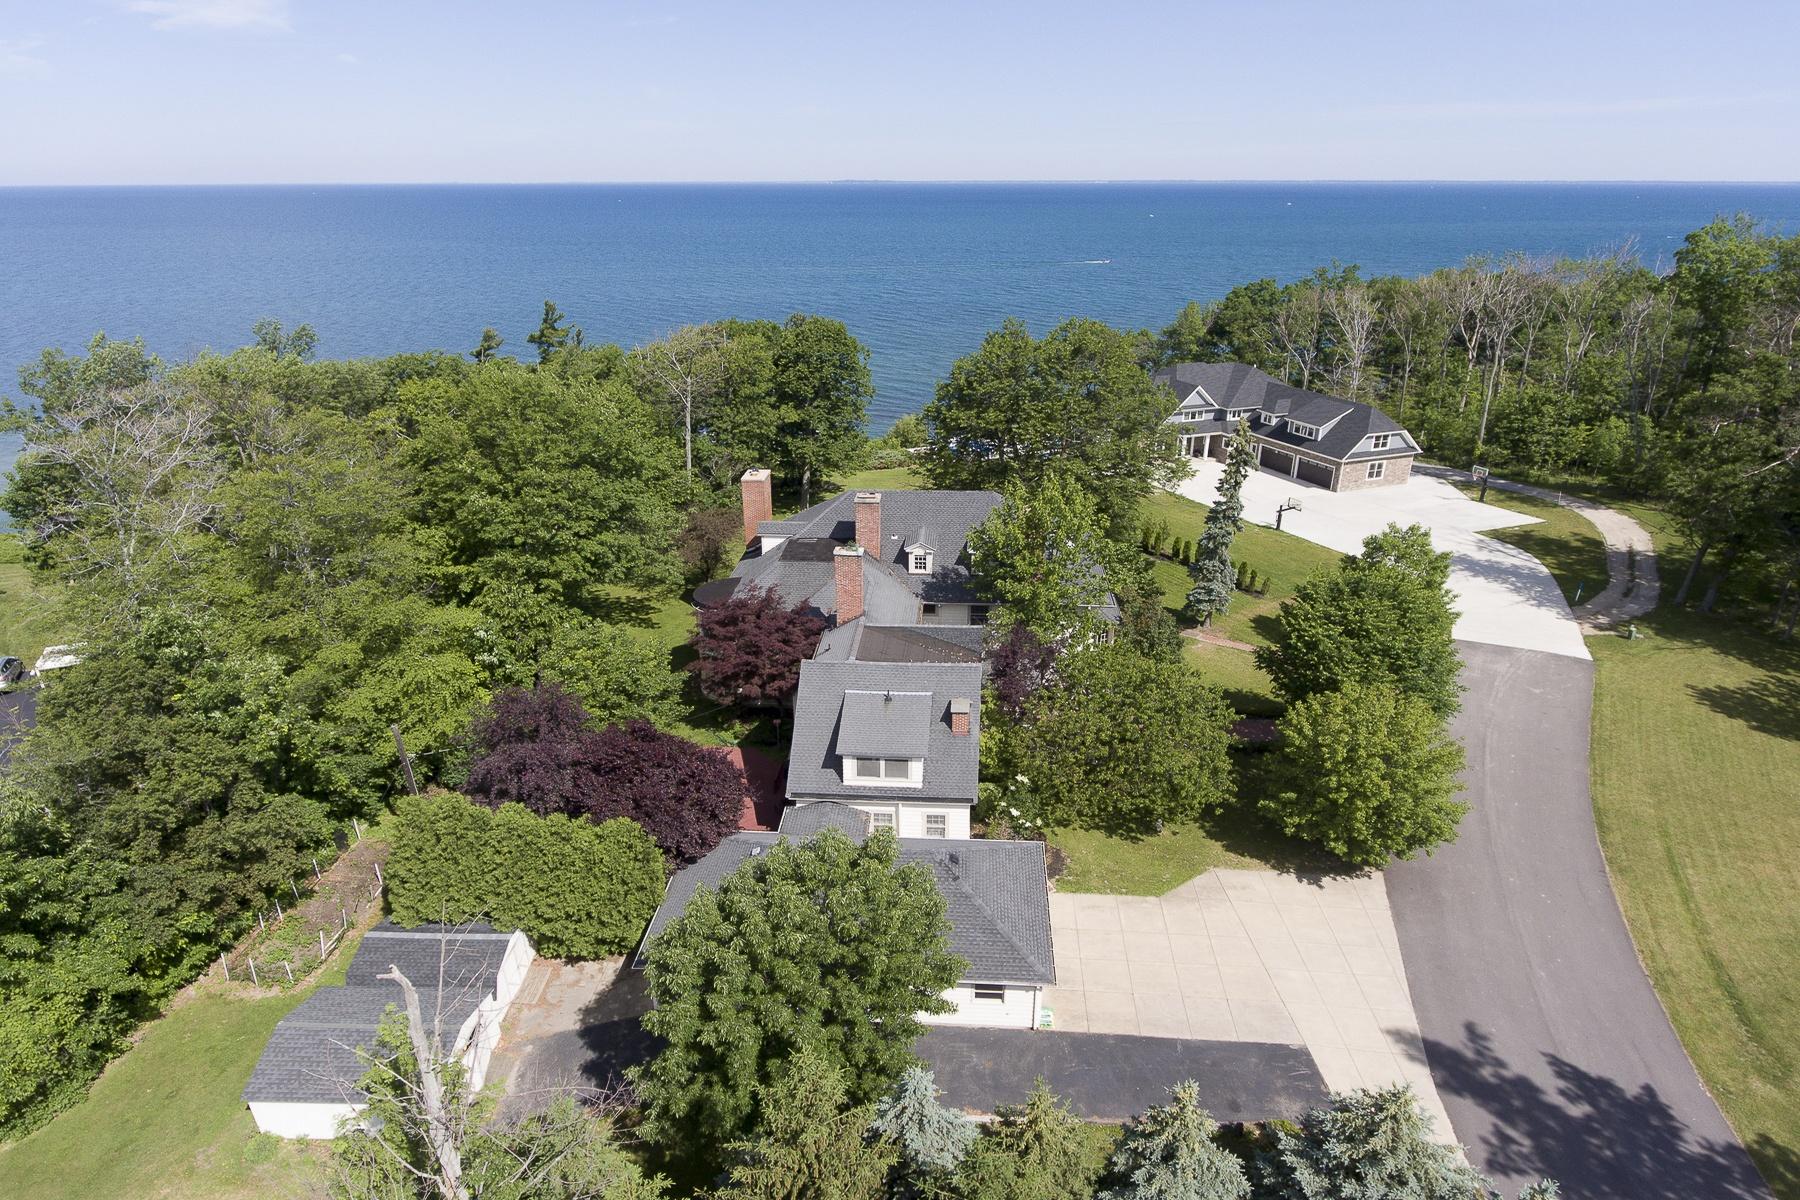 6286 Old Lake Shore Rd, Lake View, NY 14085